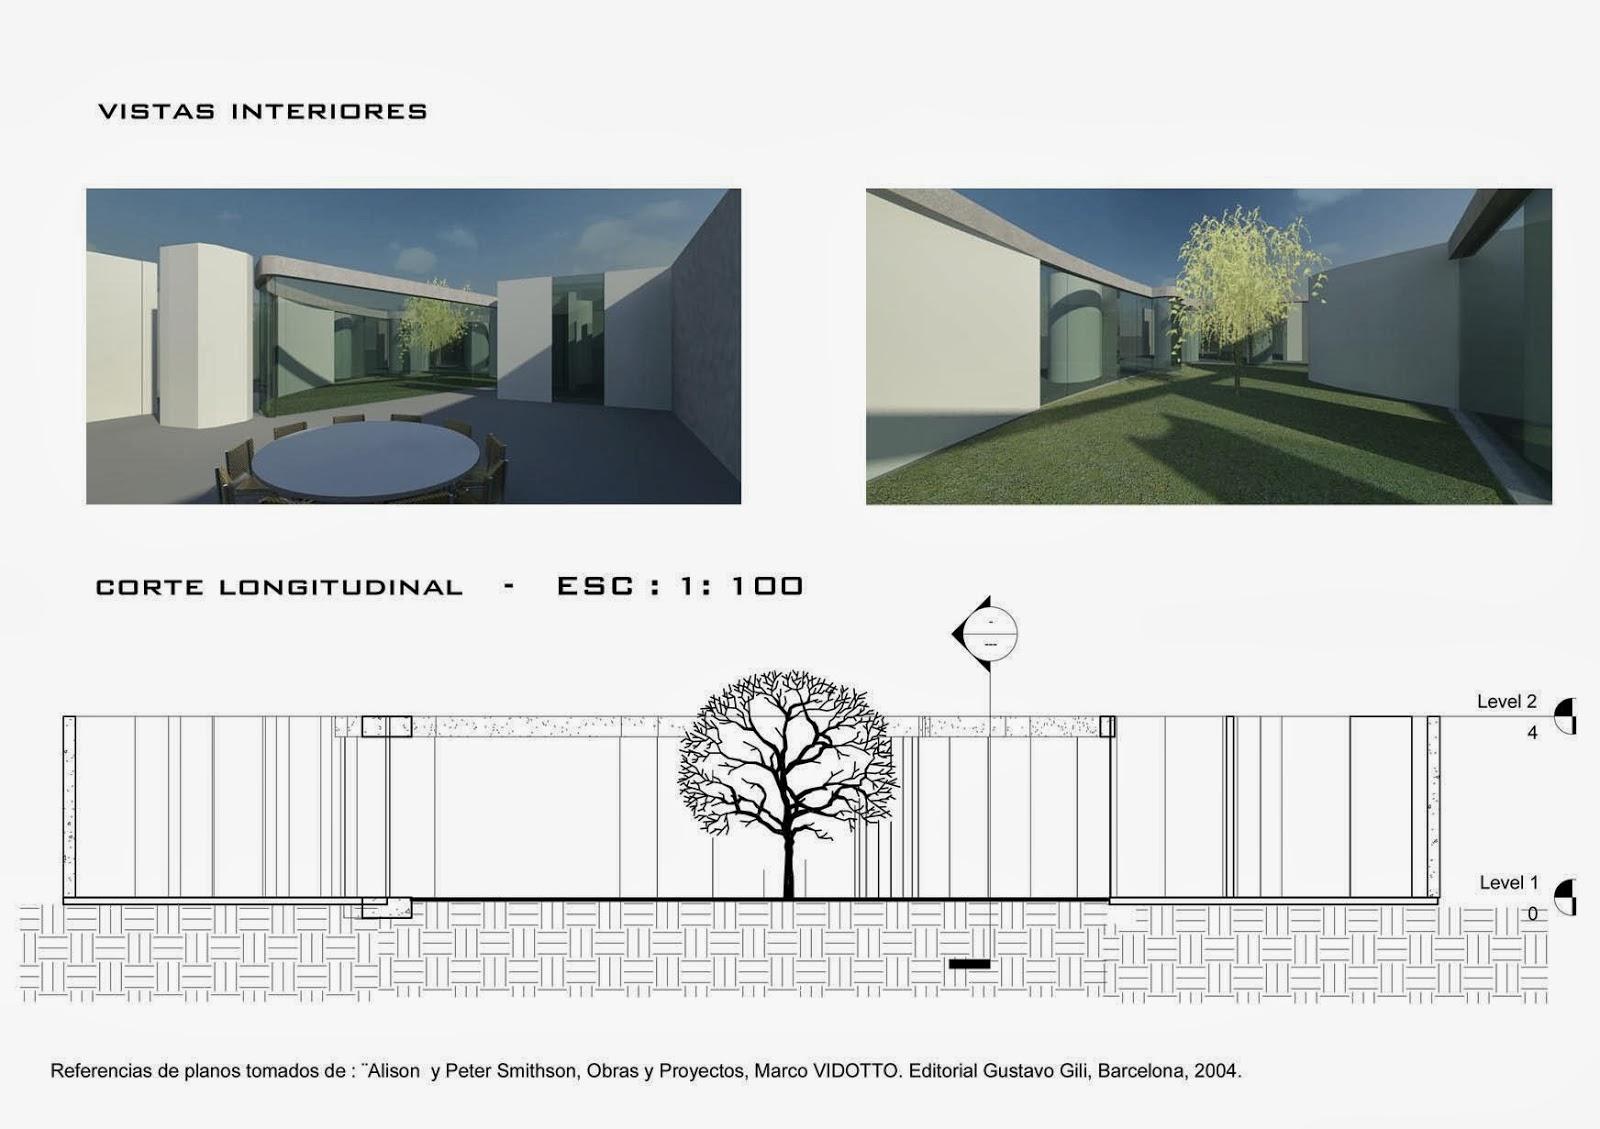 Historia de la arquitectura moderna casa del futuro for Historia de la arquitectura moderna